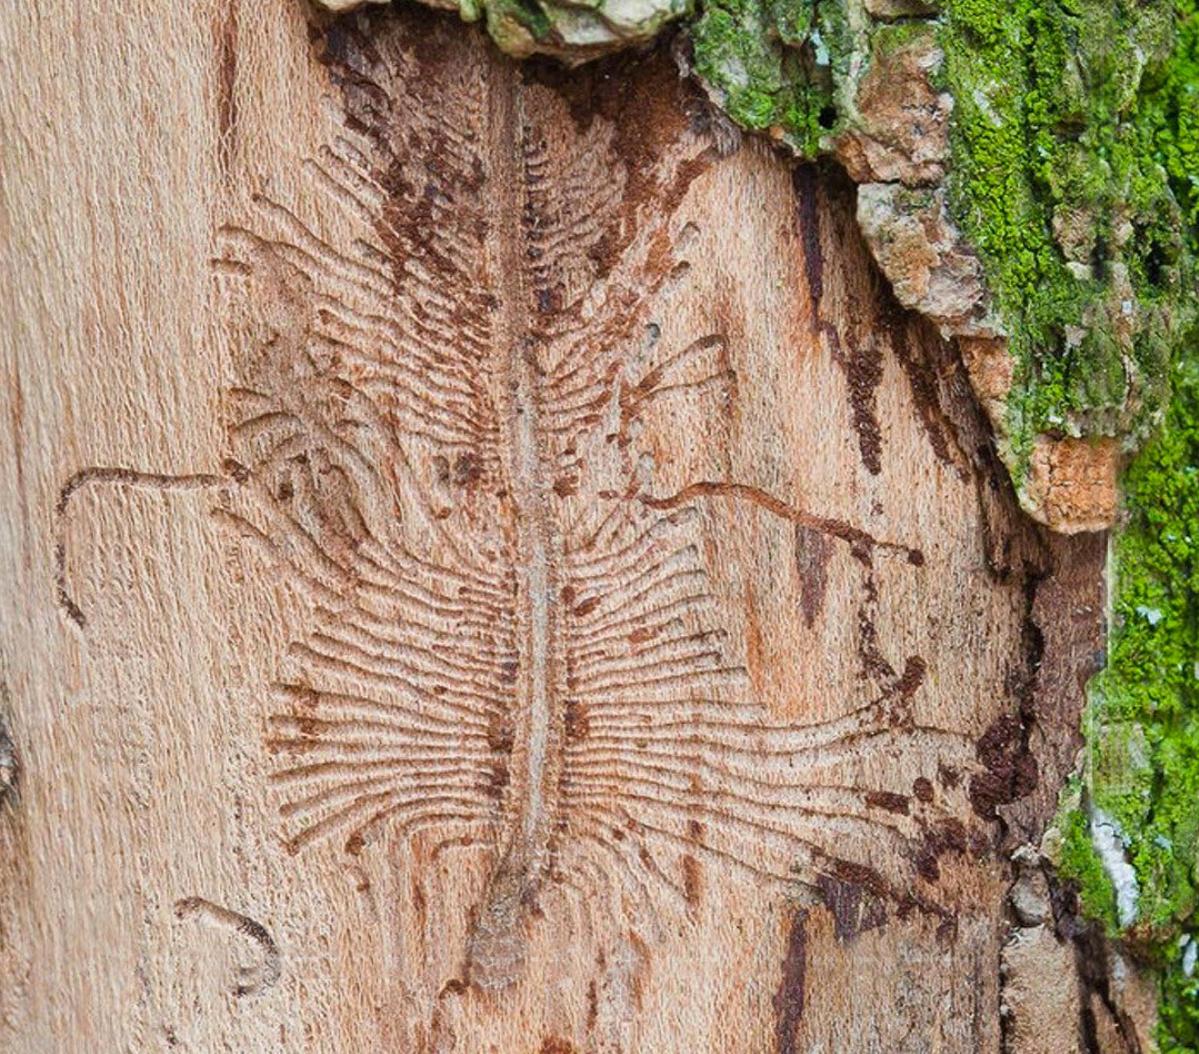 Tomicus del pino / Barrenador del olmo